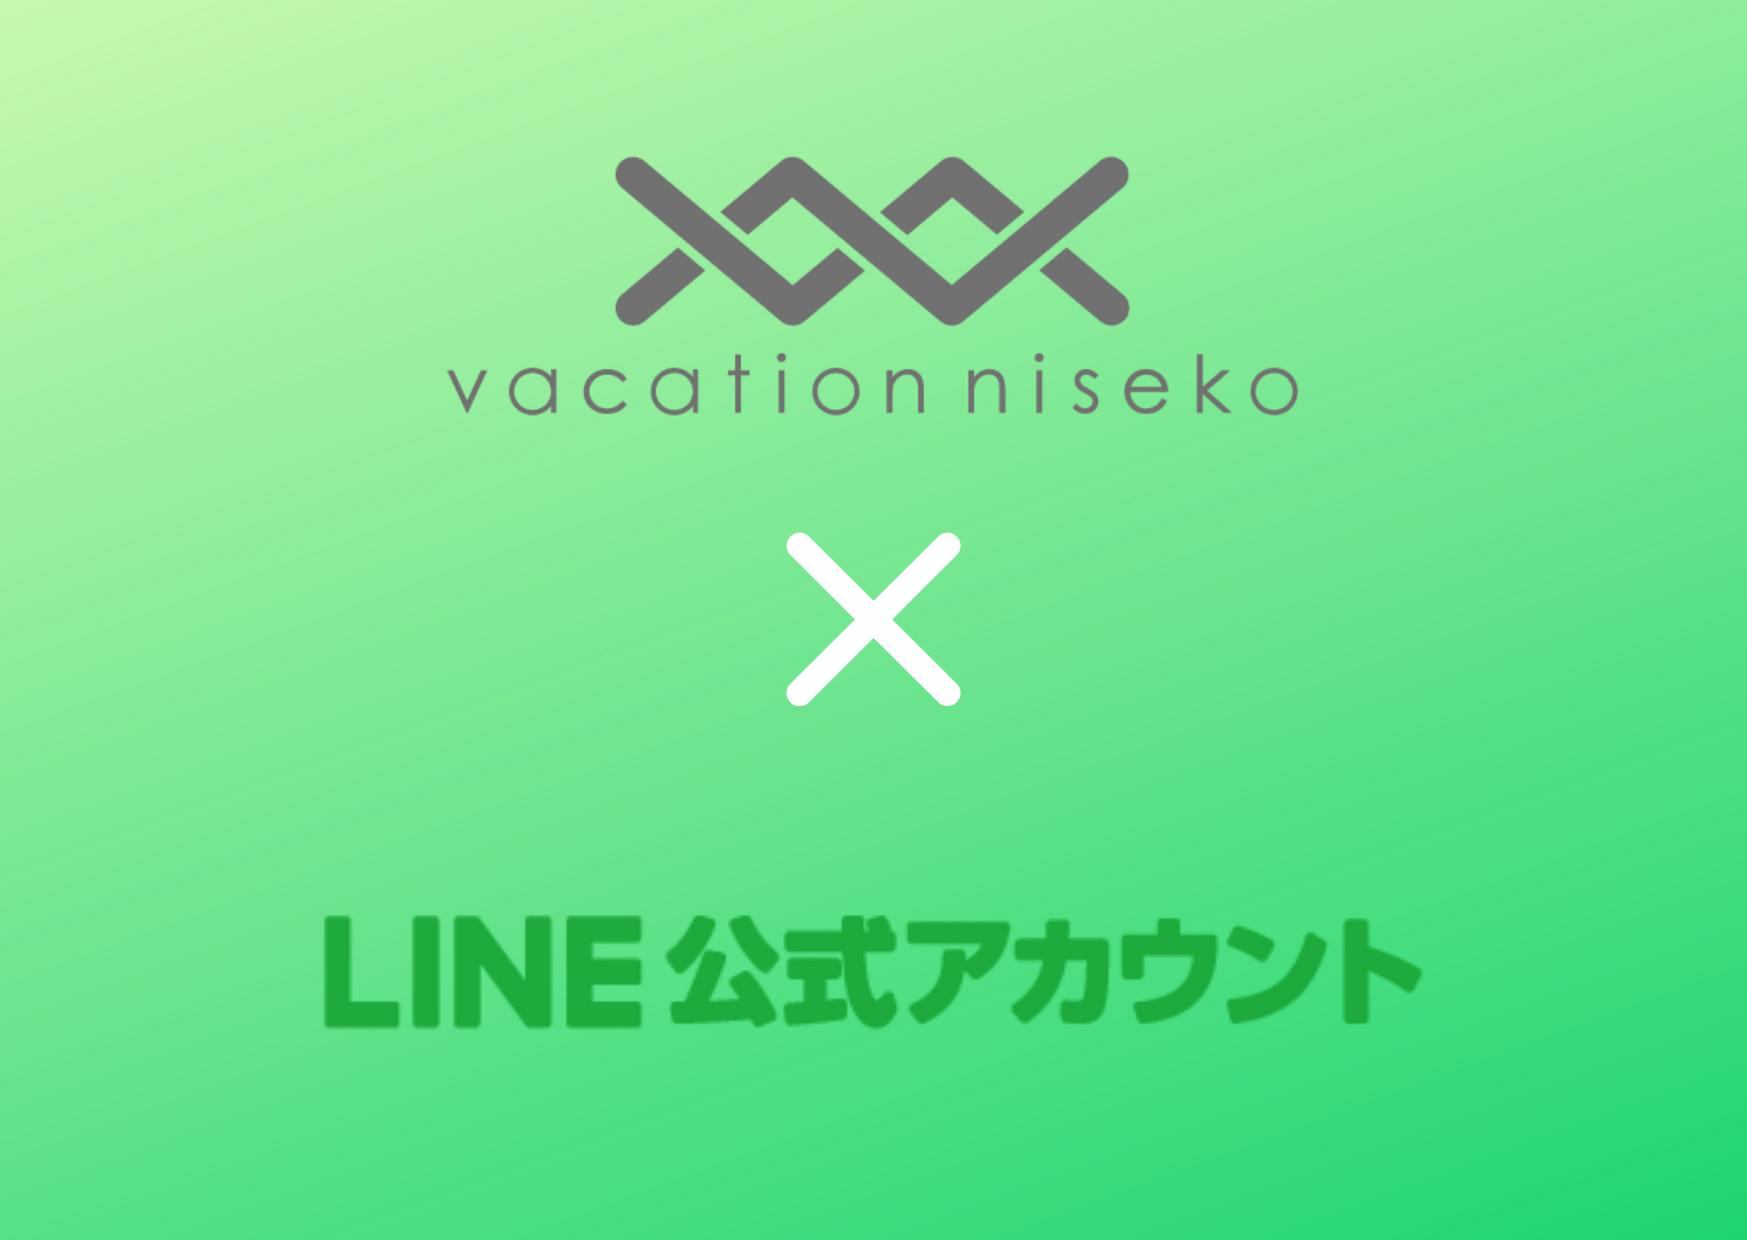 バケーションニセコLINE公式アカウントを開設!